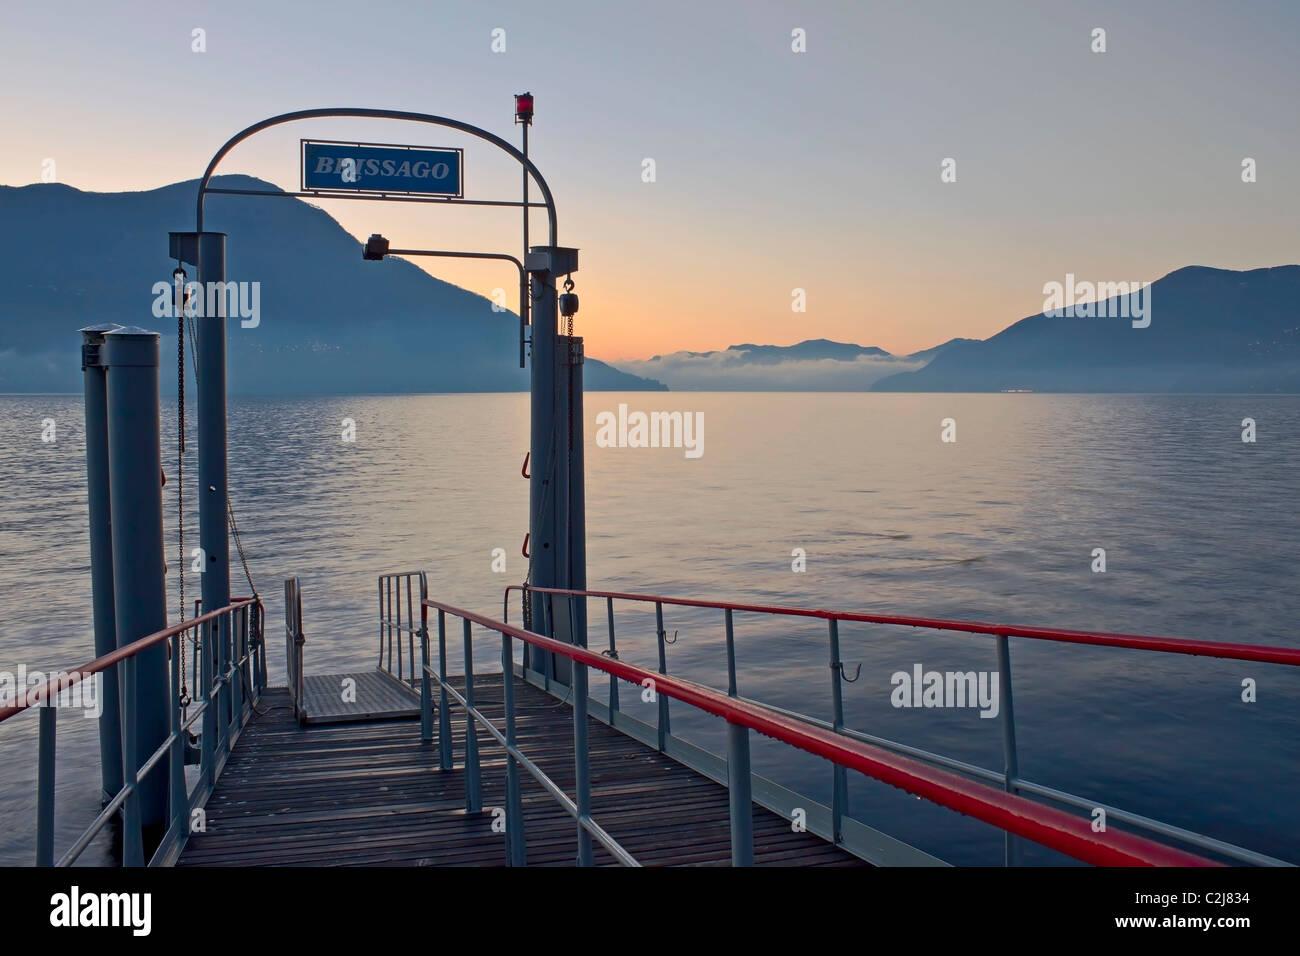 Brissago - Ticino - Switzerland - Lake Maggiore - Stock Image